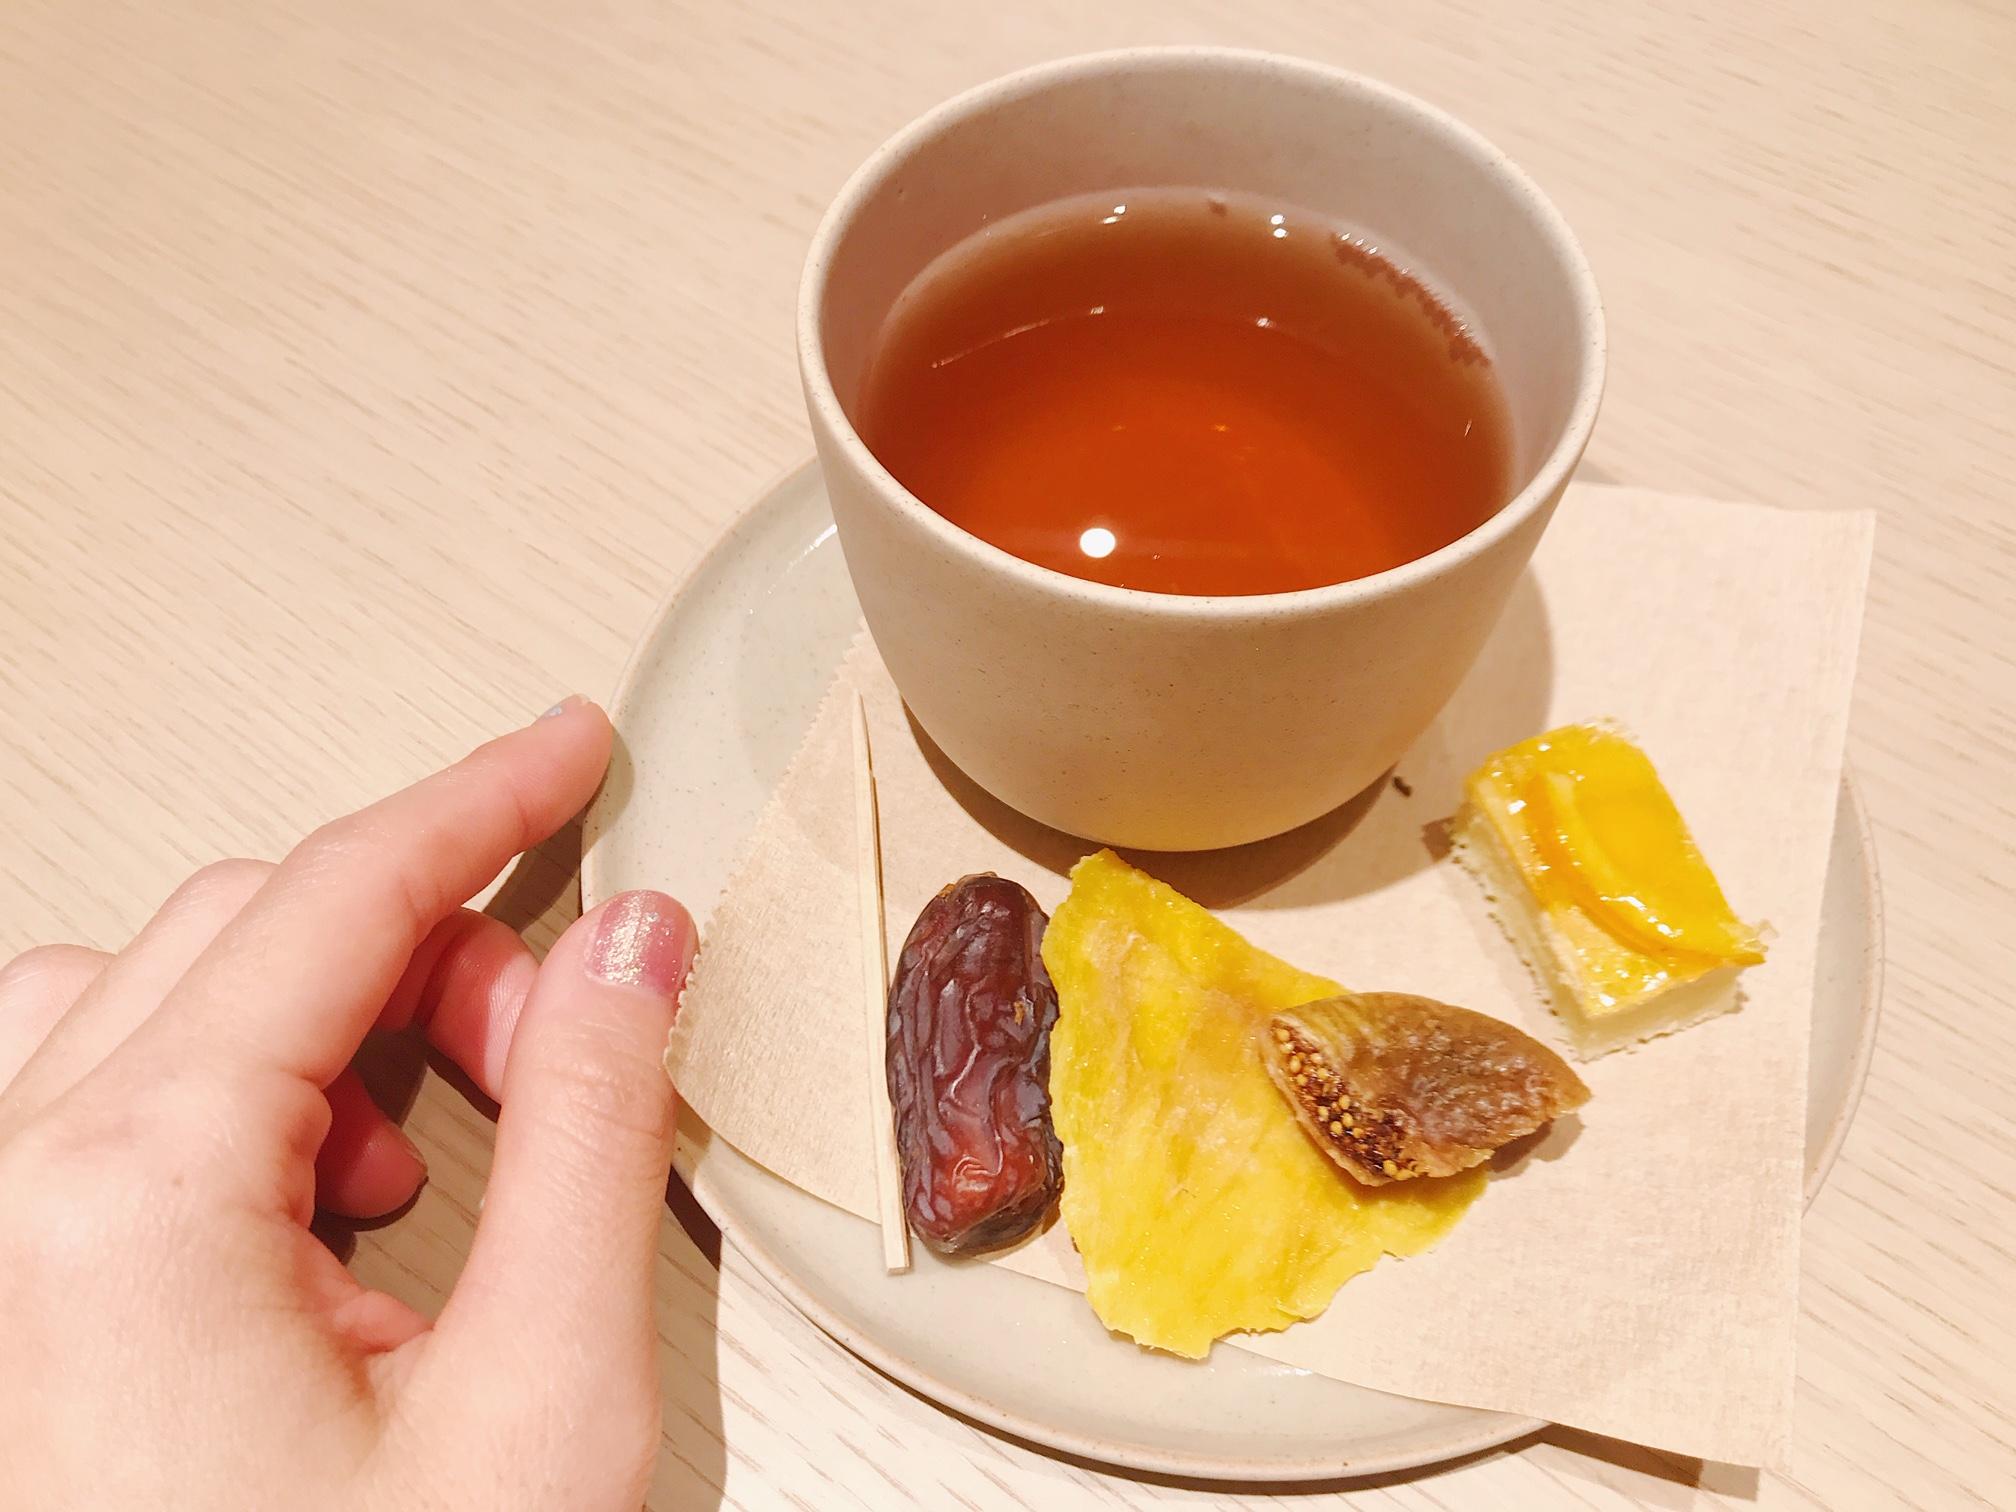 【銀座で#いちご】『フルーツサロン』の限定「贅沢いちごのフルコース」を一足お先に食べてきた♬ _7